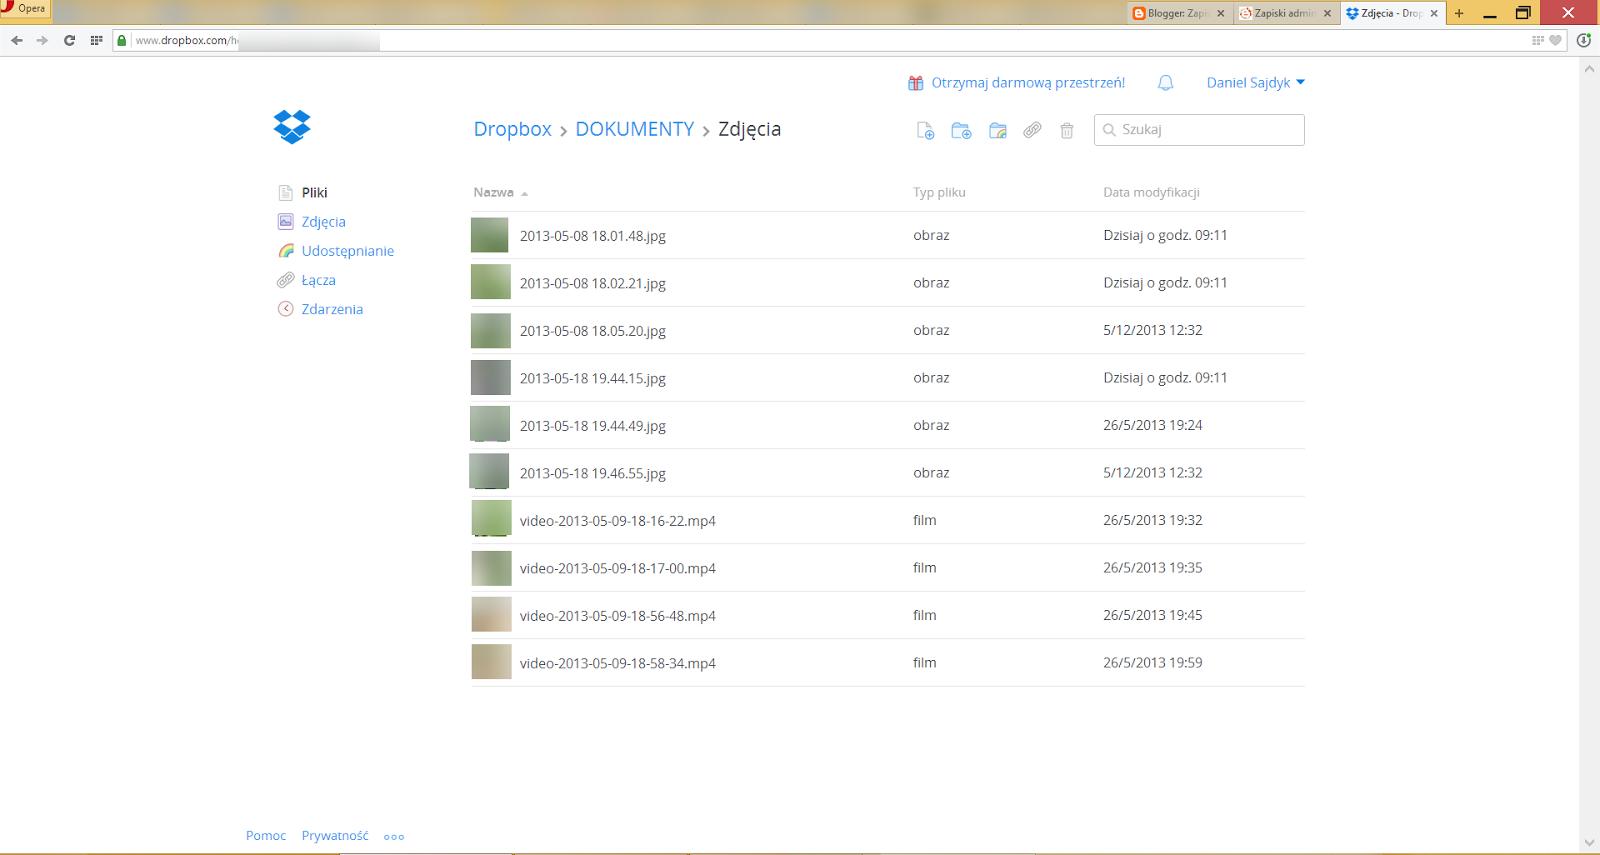 Strona WWW z plikami, które przekopiowaliśmy do folderu Dropbox na naszym komputerze